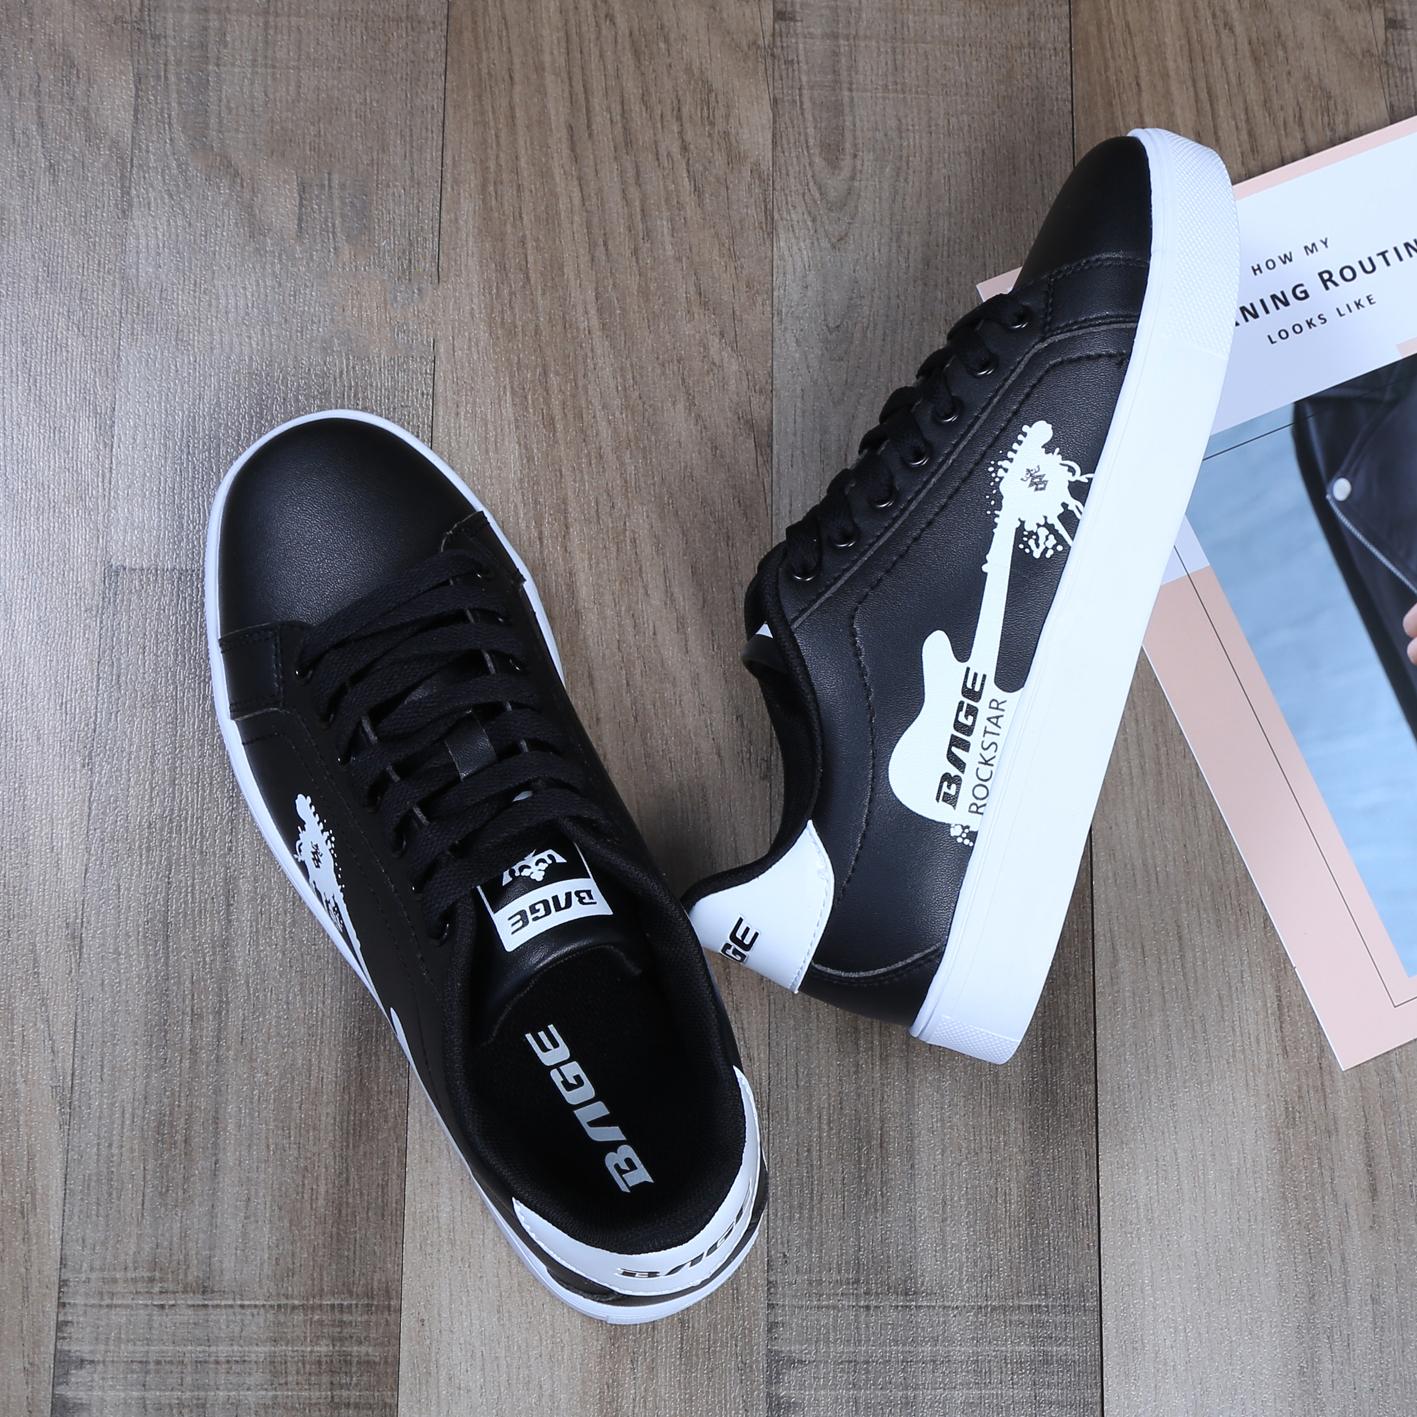 鞋子八哥滑板板鞋夏季v鞋子休闲鞋韩版百搭黑色低帮平底男鞋女鞋